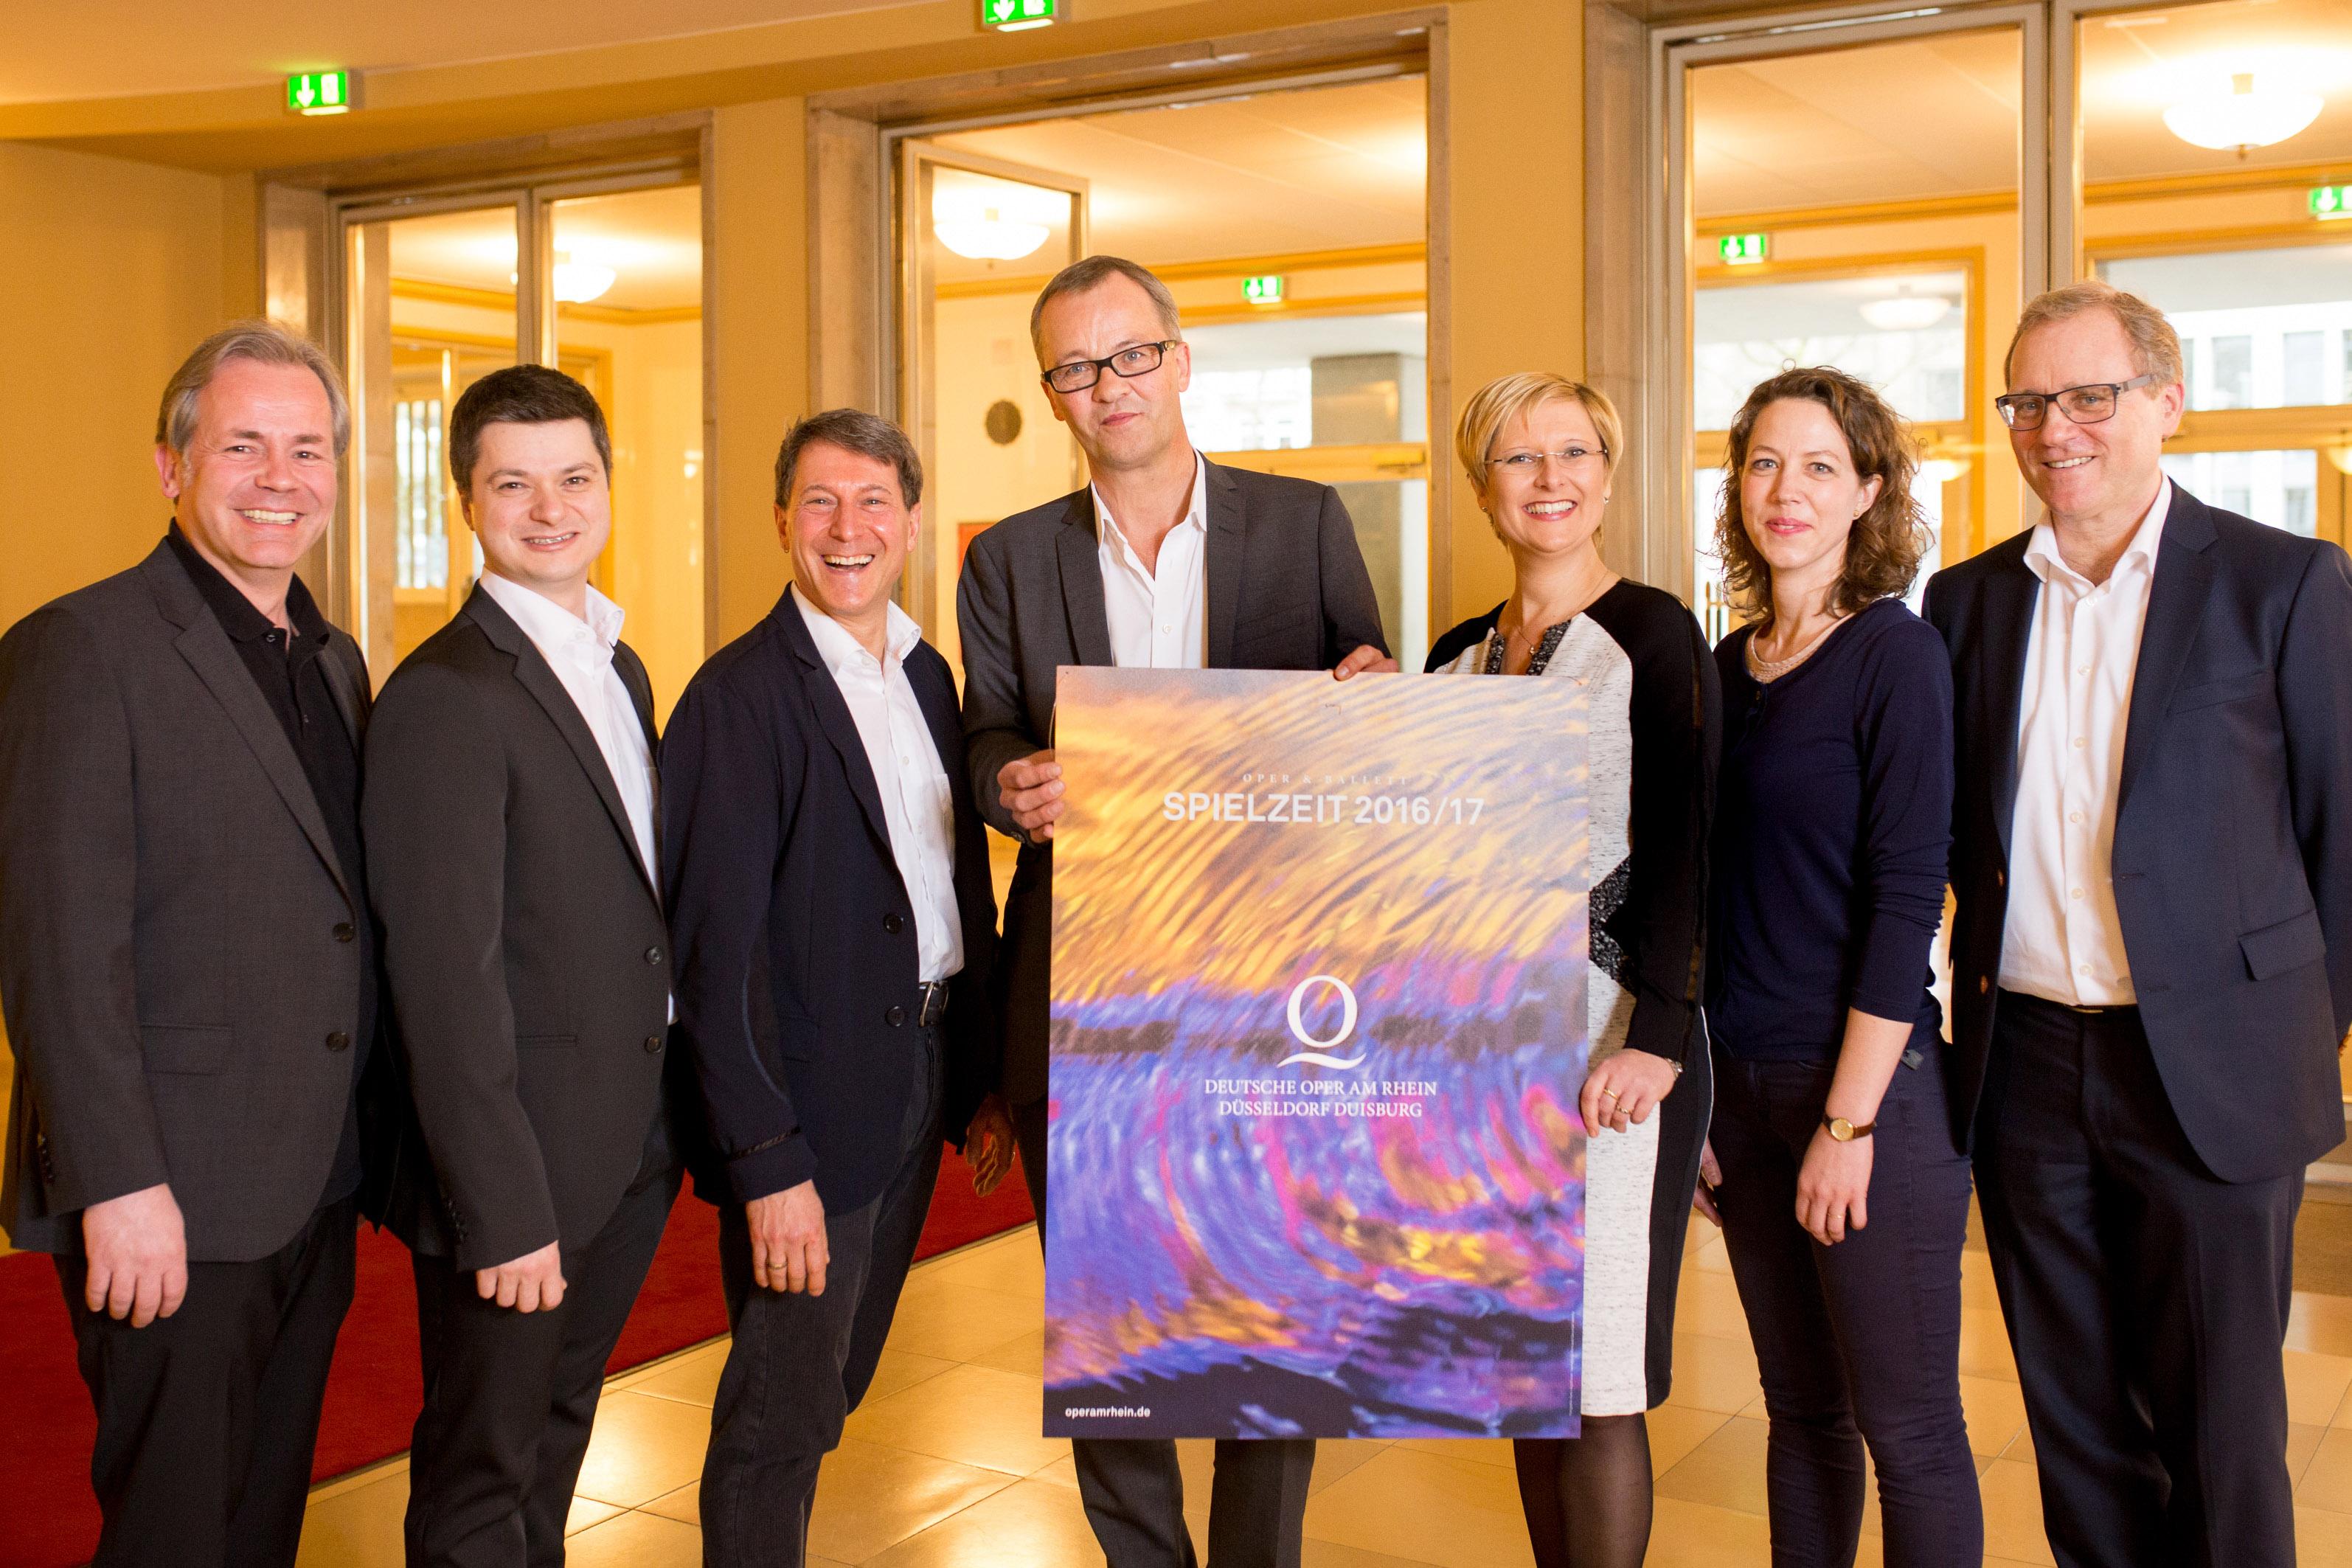 Spielzeit 2016/17 an der Deutschen Oper am Rhein vorgestellt (Foto: Susanne Diesner)